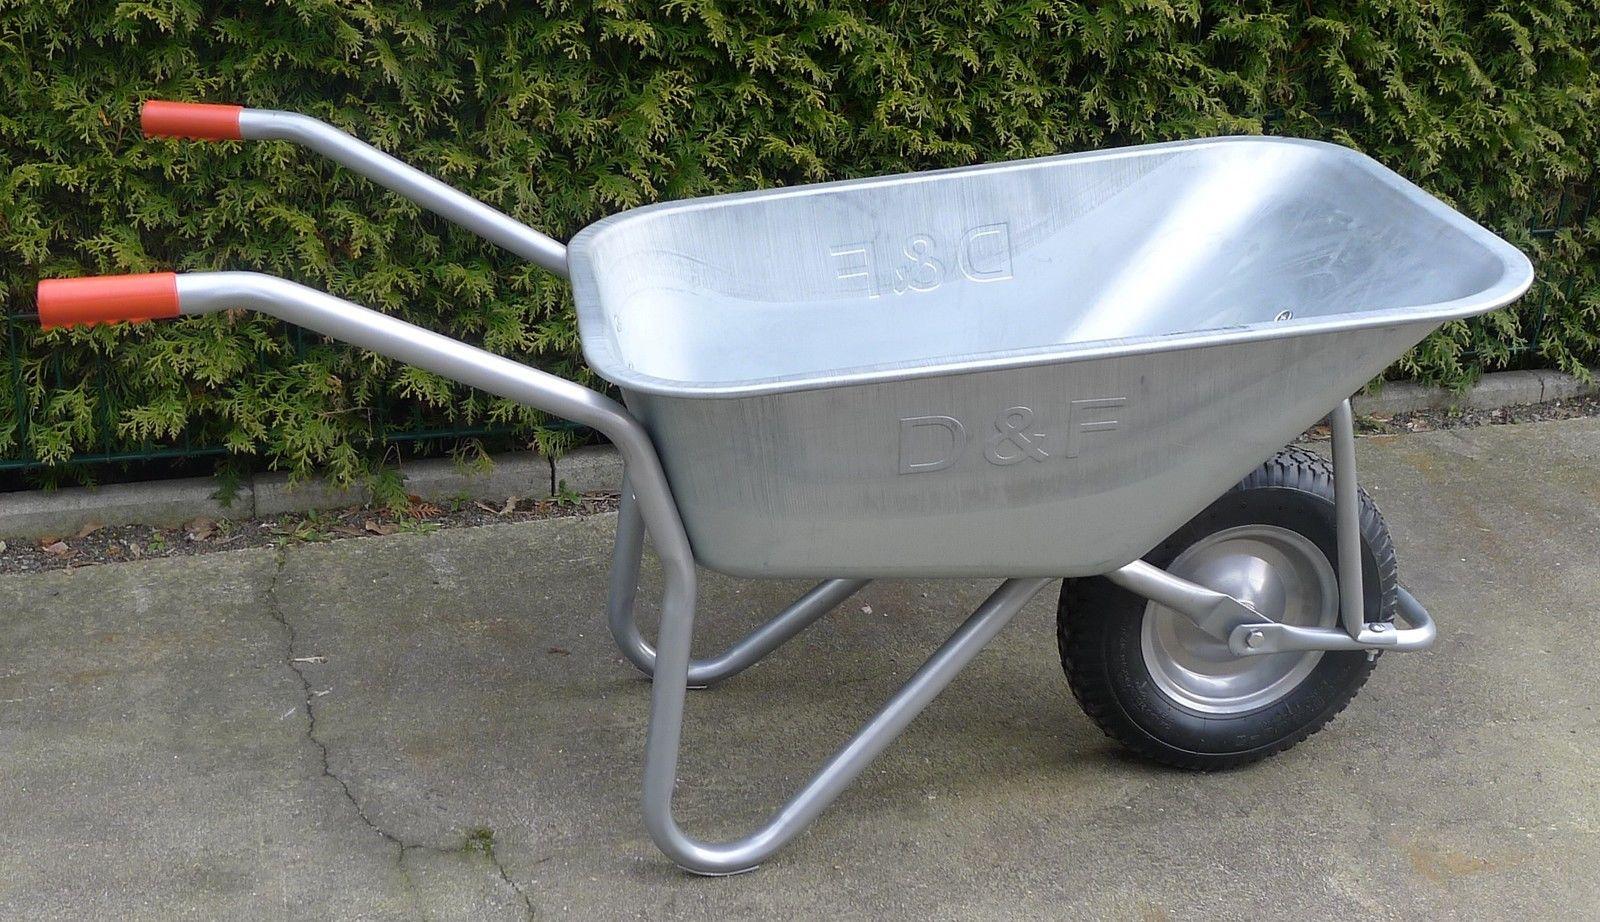 Schubkarre 200Kg für Garten, Bau und Stall  mit verstärkerter Wanne, robust